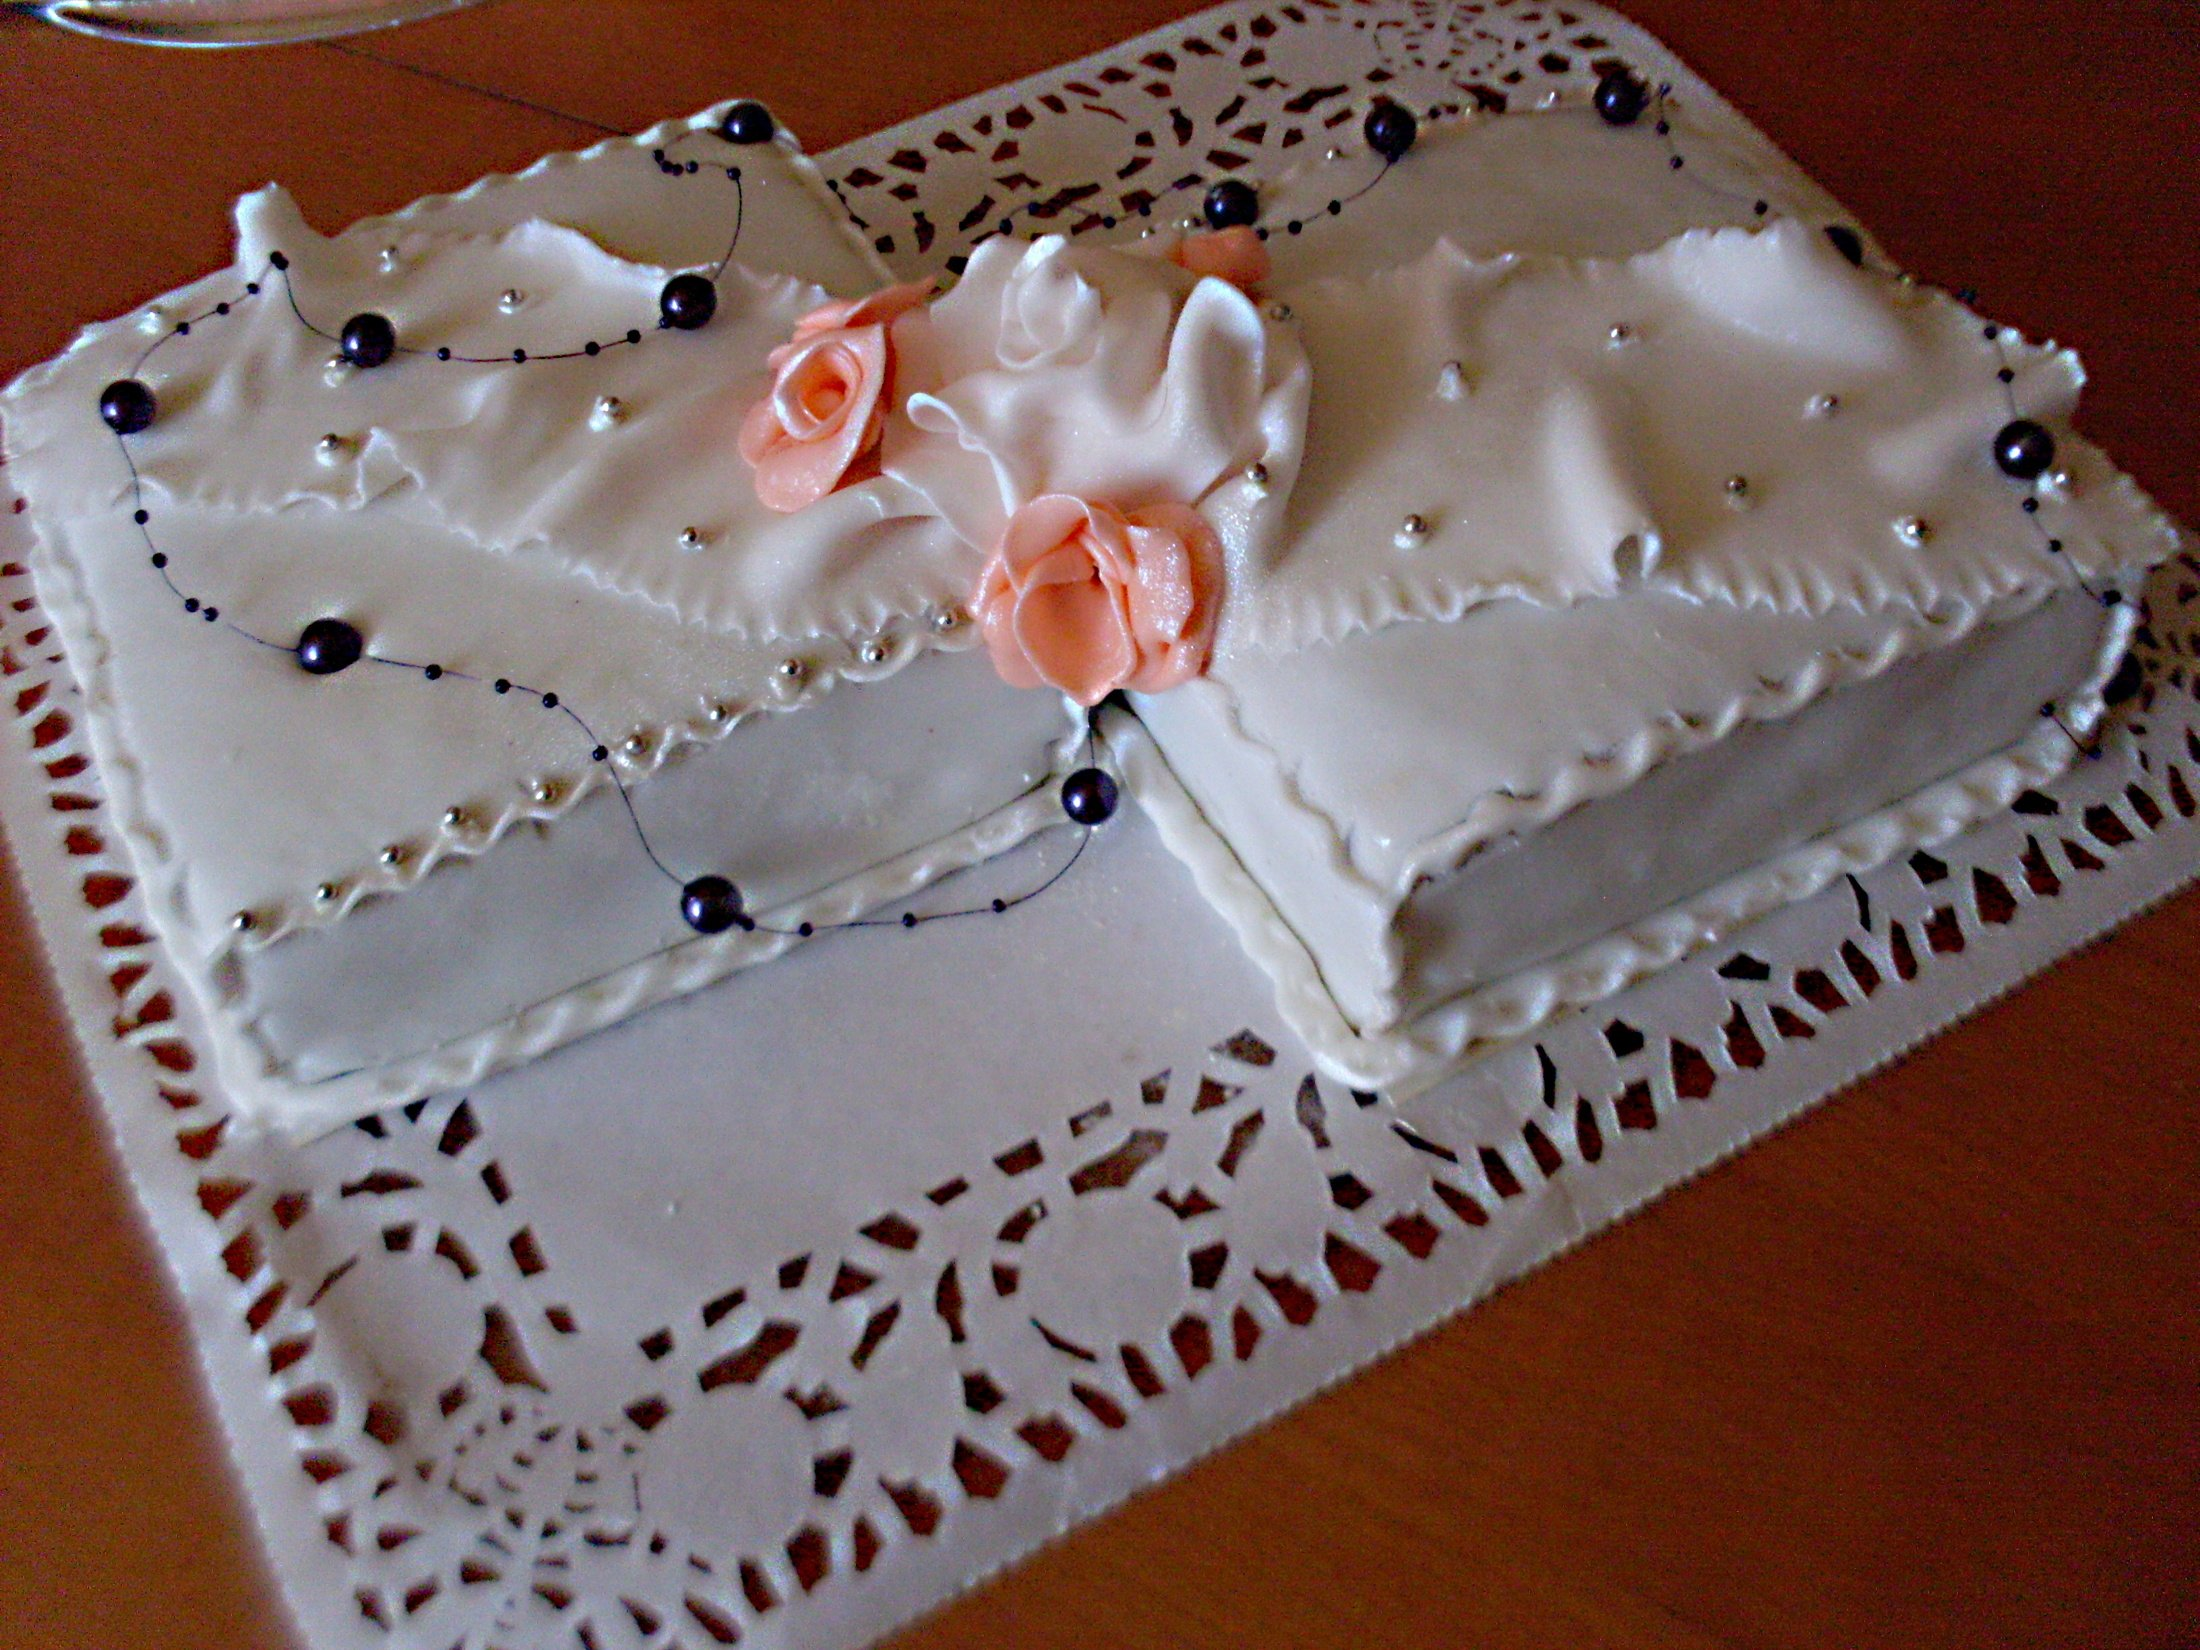 Recept Výborné piškotové těsto - na svatbu - schwarcvald